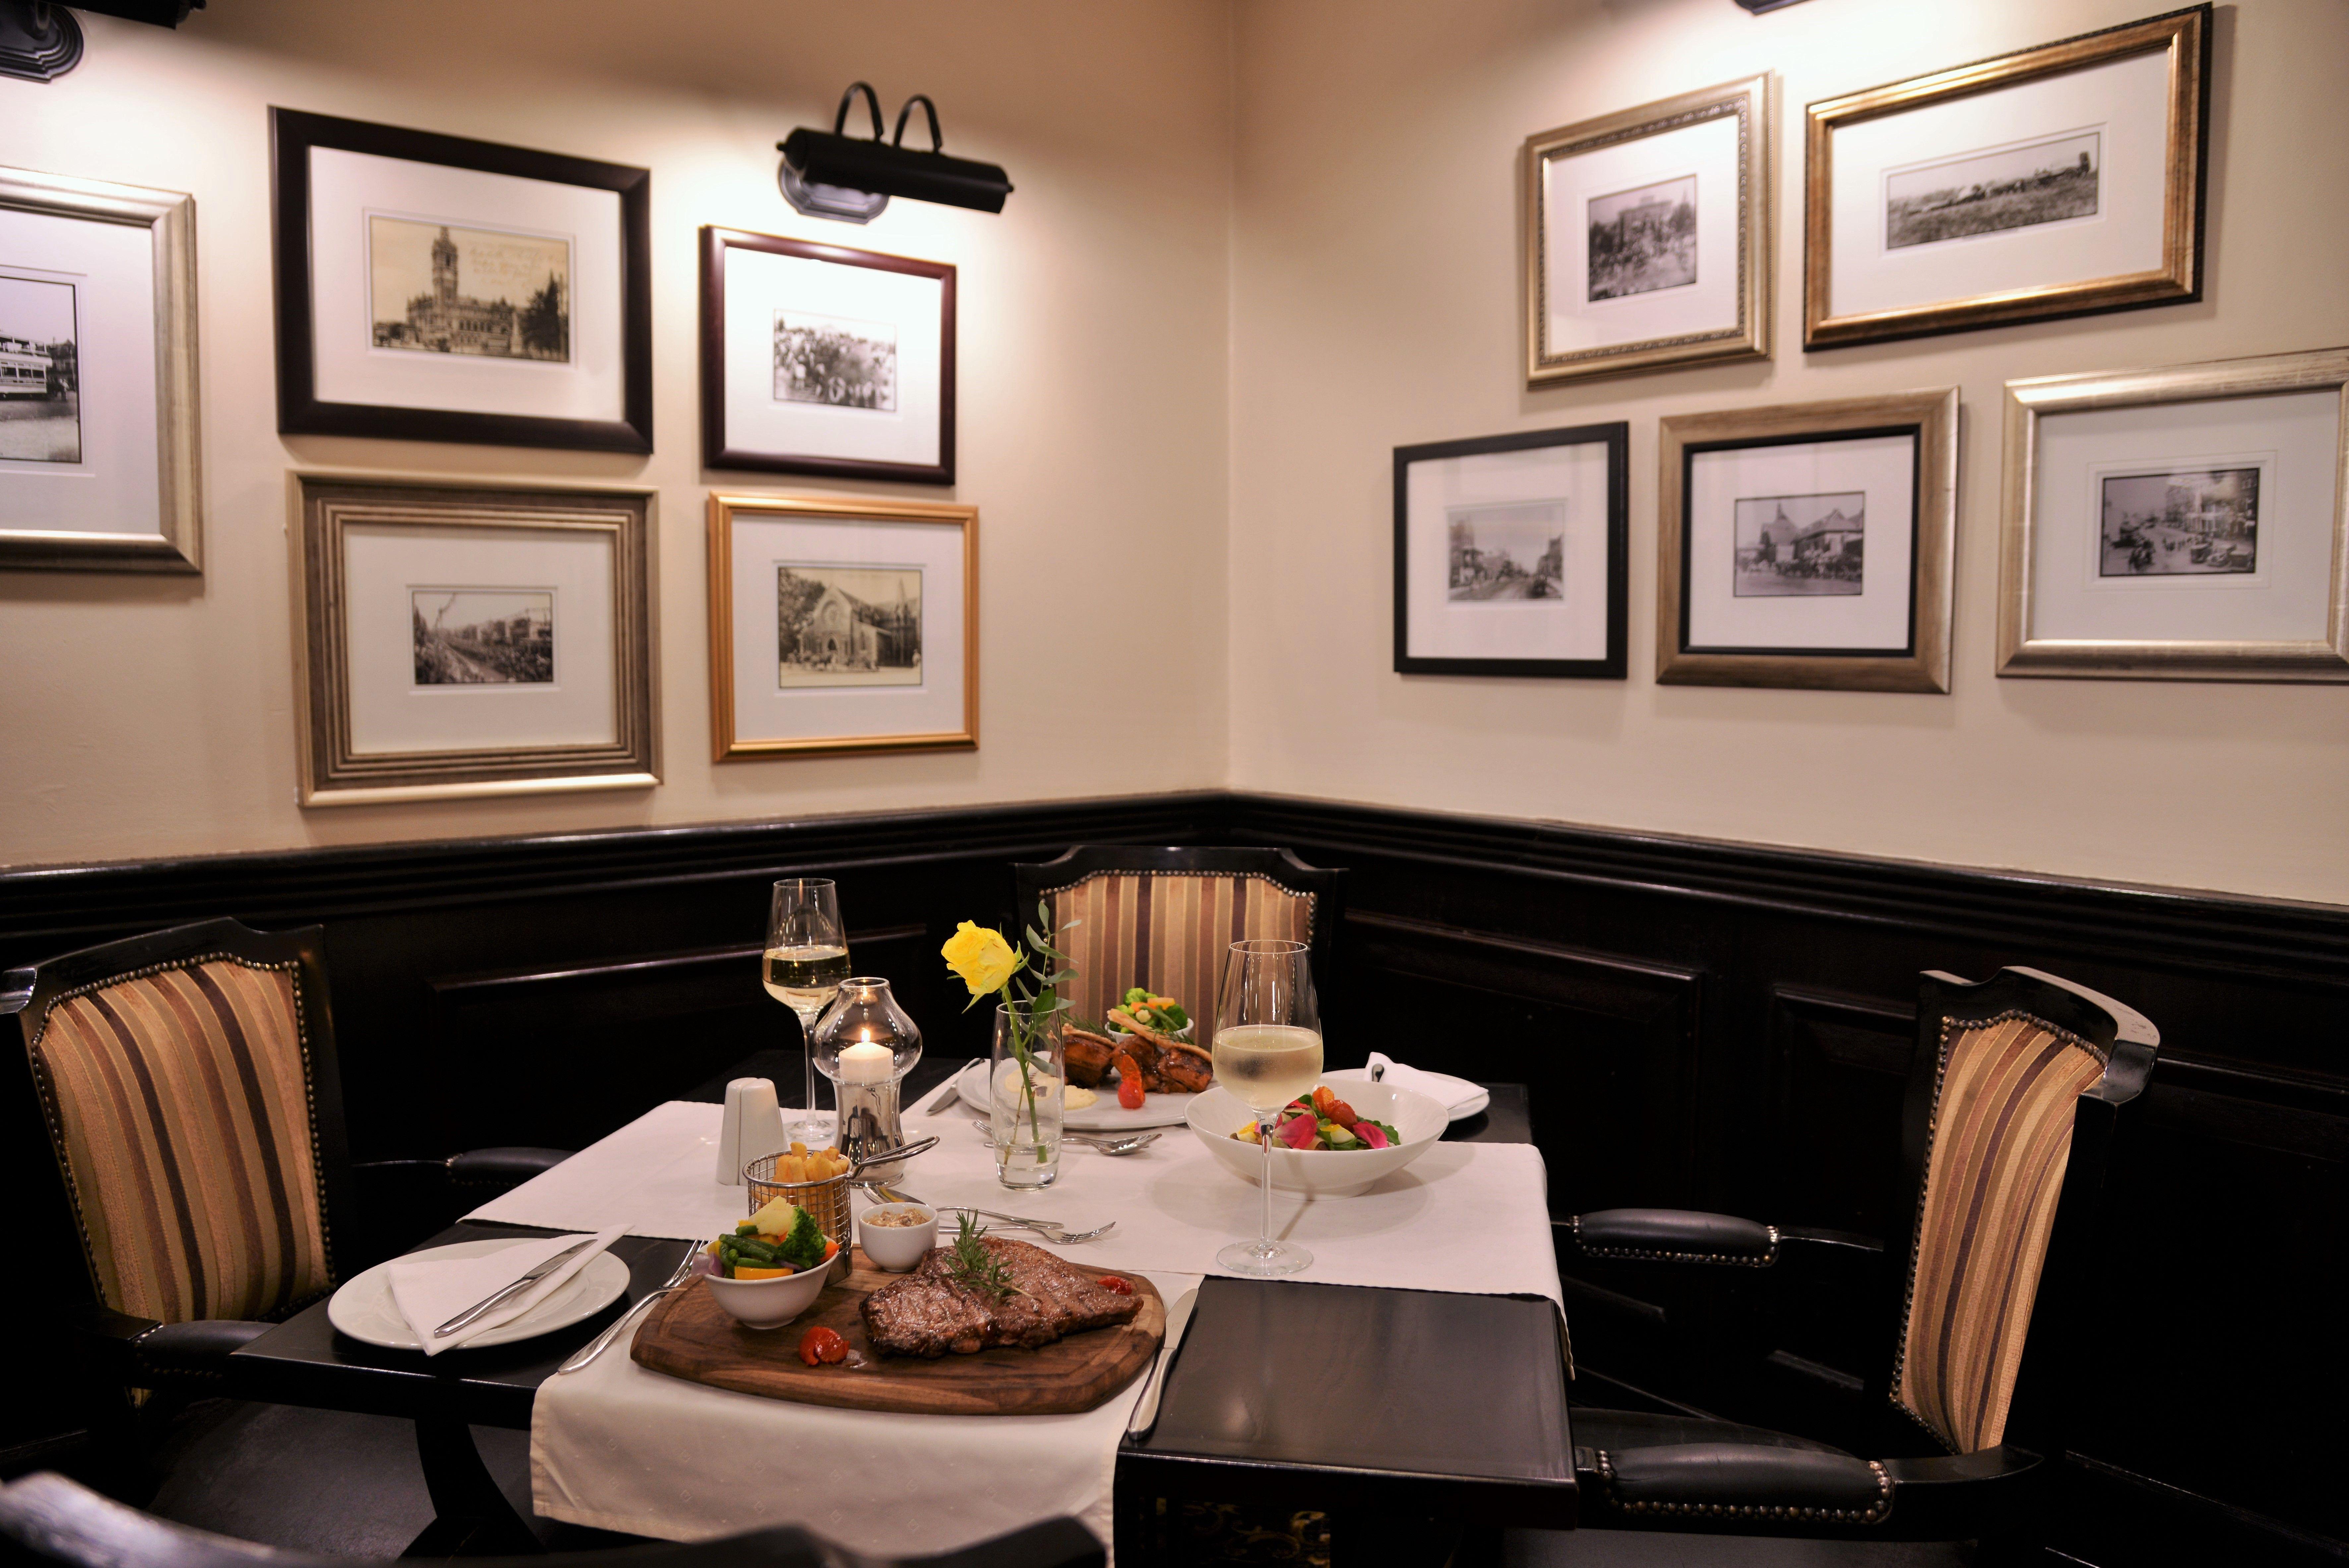 Ellingtons Restaurant & Café